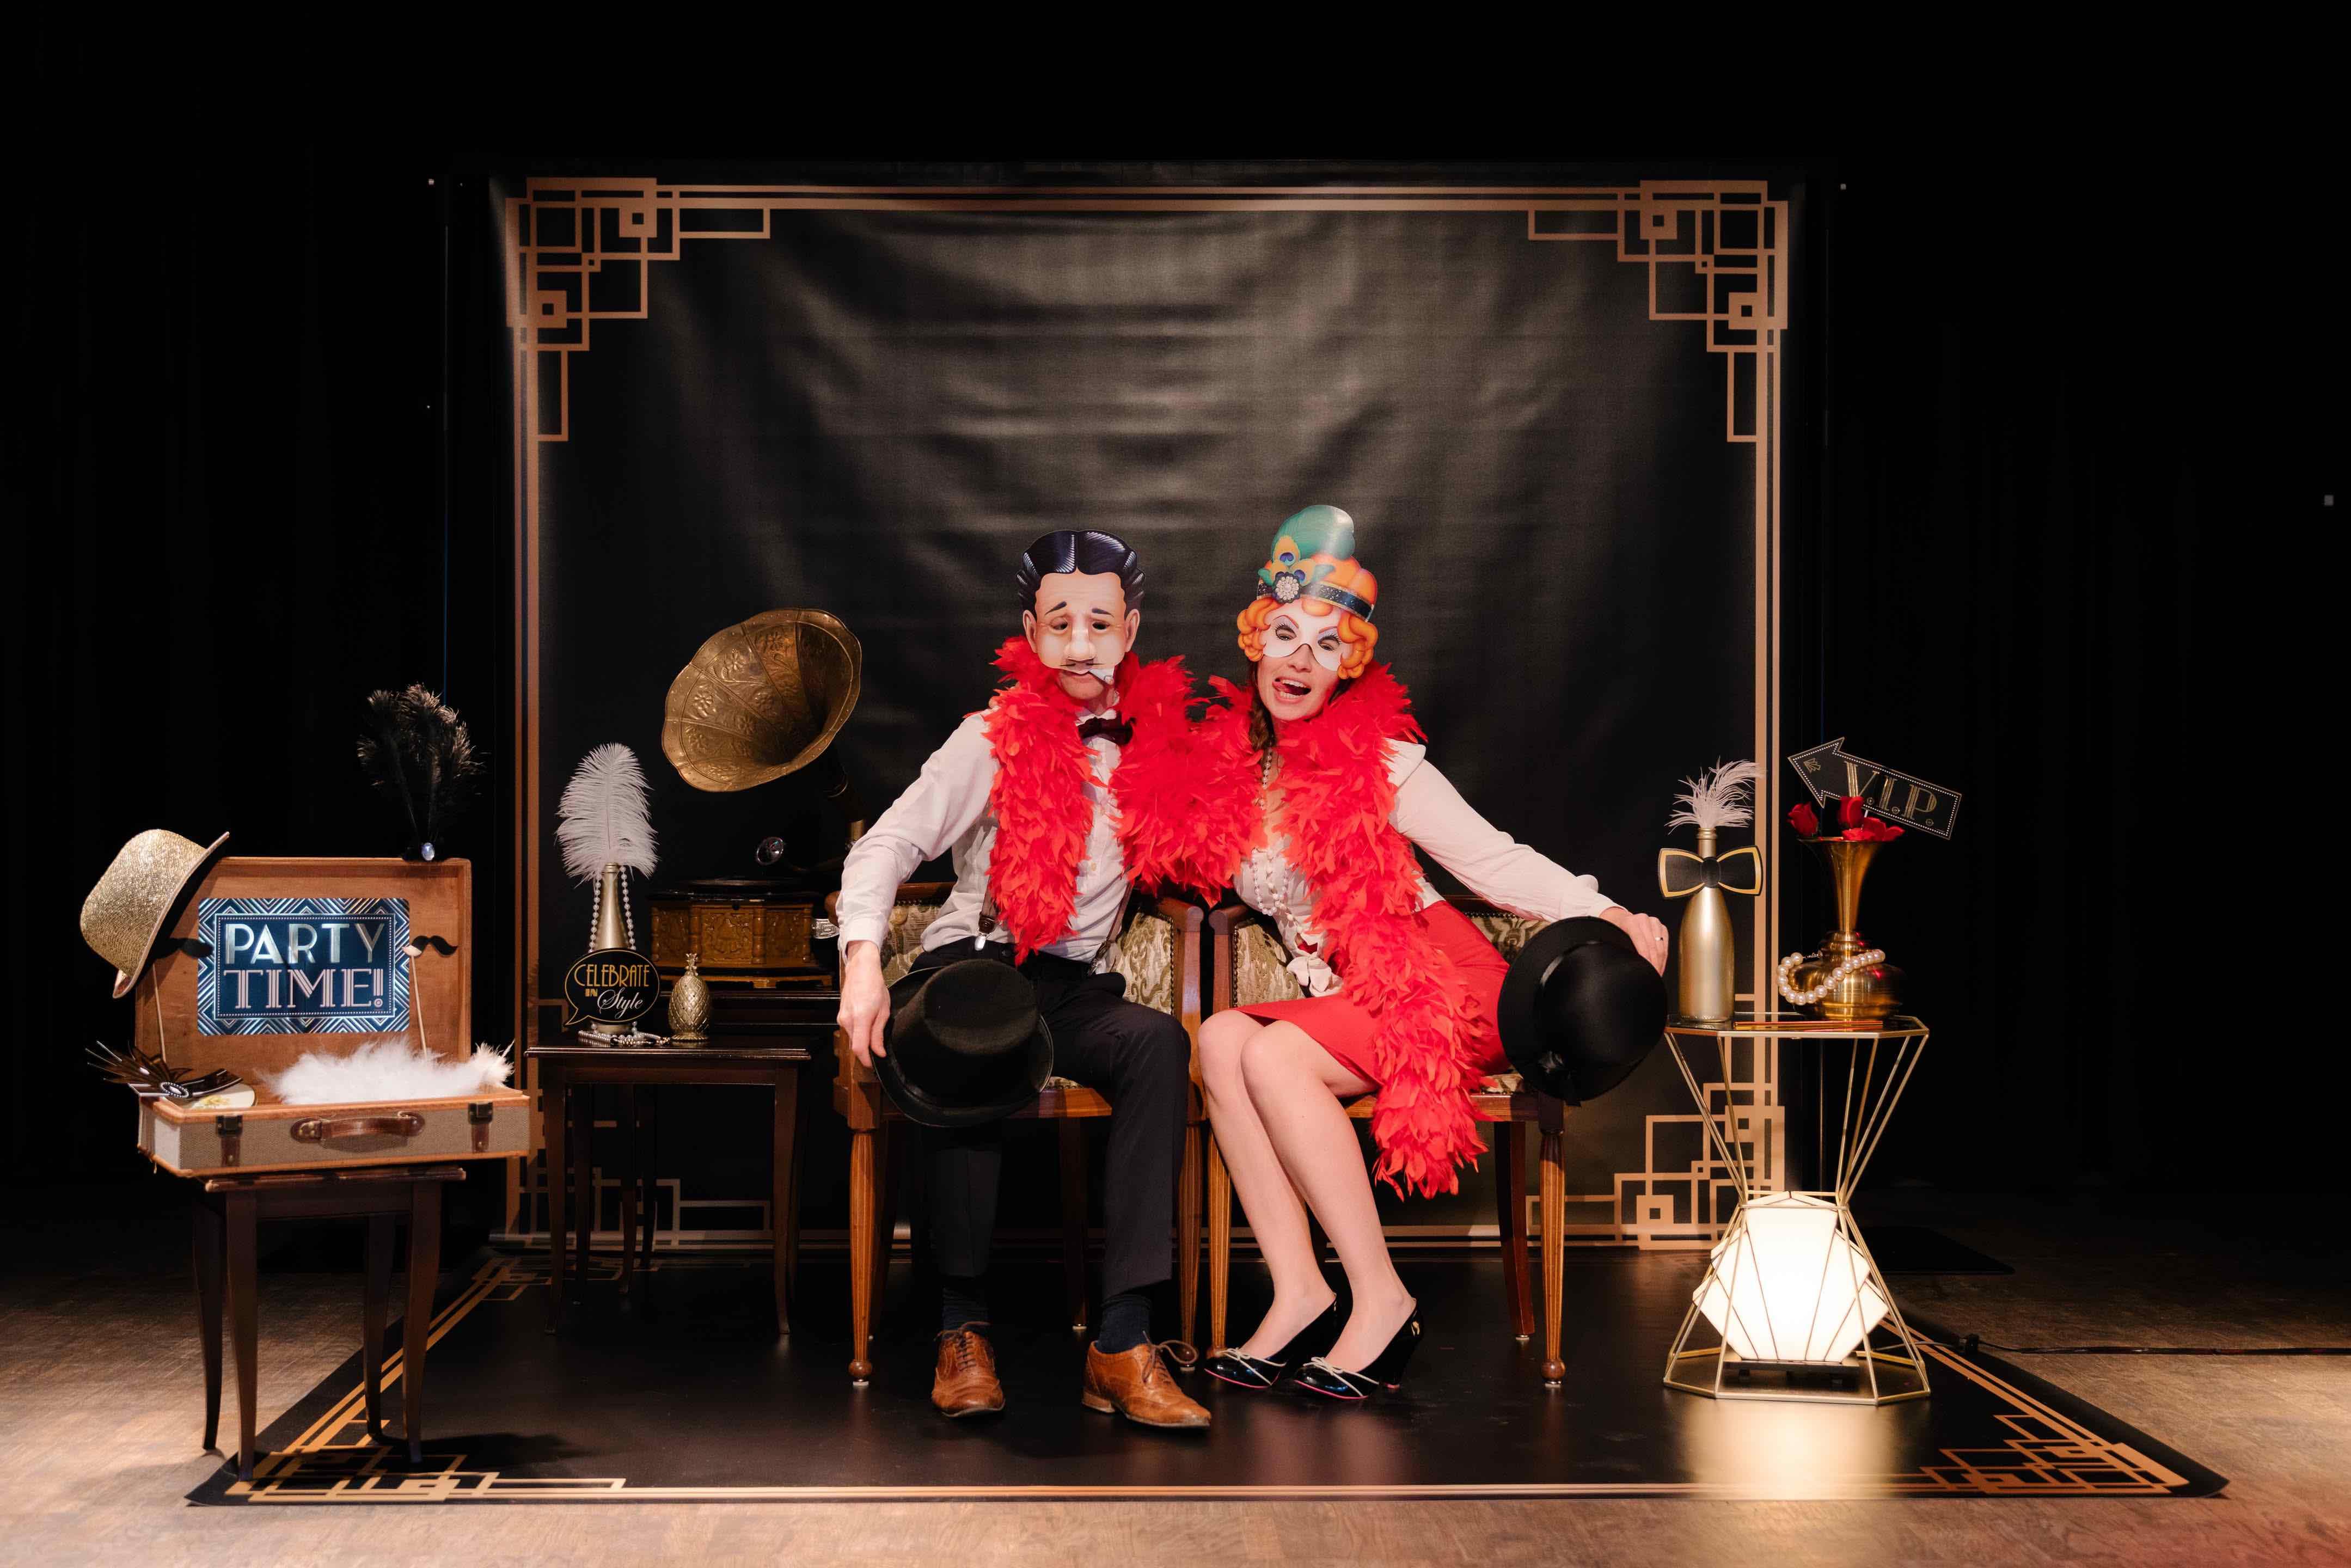 Photobooth huren voor jullie huwelijk? Ontdek het Great Gatsby photobooth decor!